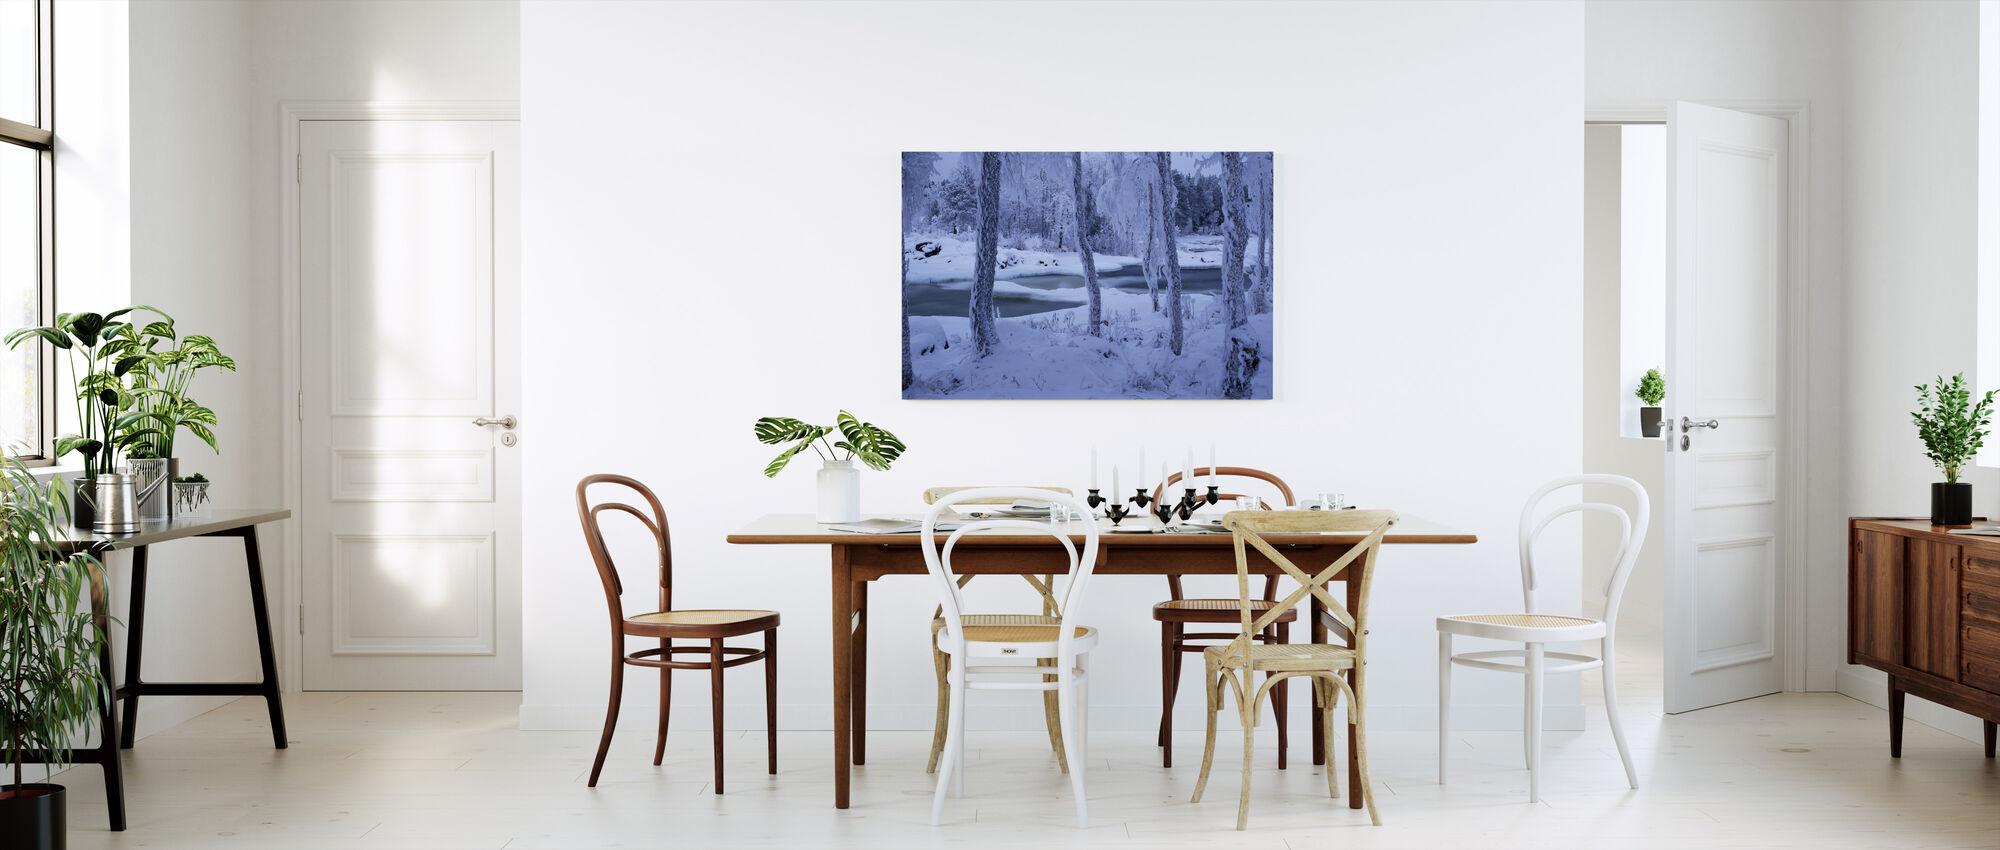 Kengisforsen in Winter Dress - Canvas print - Kitchen